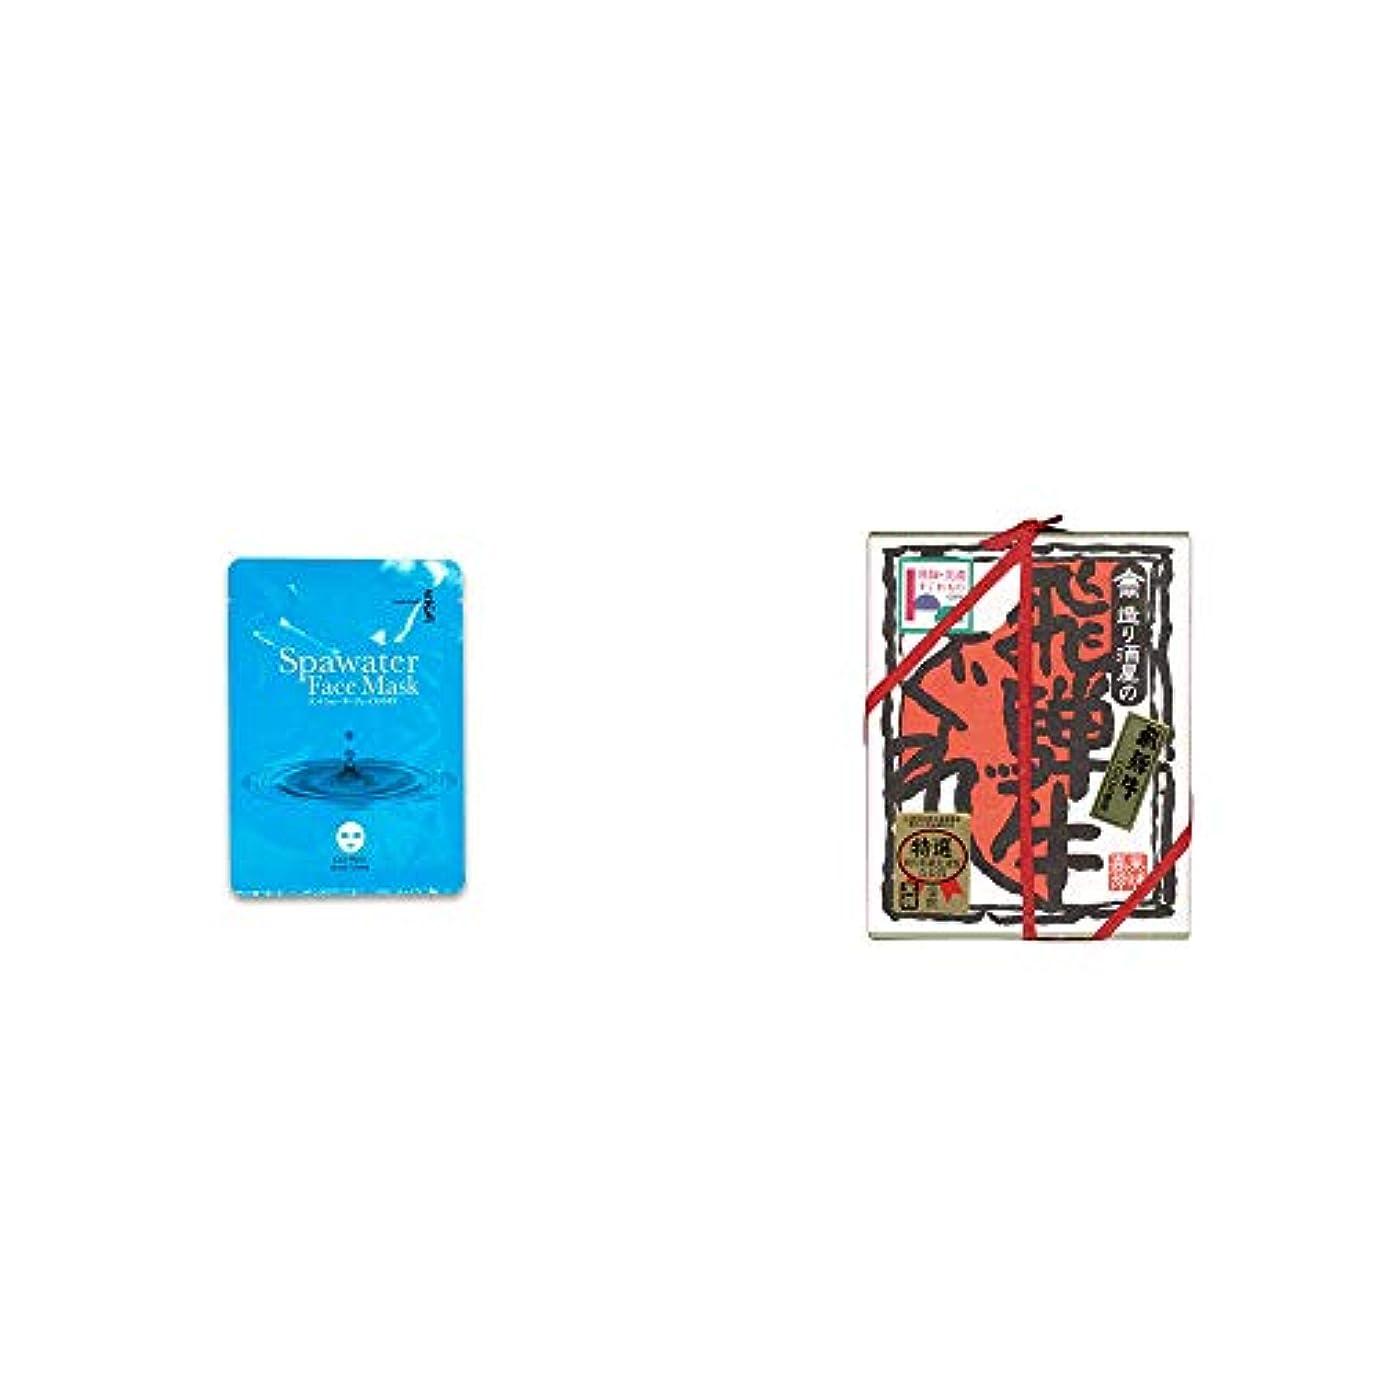 心理学トレース動物[2点セット] ひのき炭黒泉 スパウォーターフェイスマスク(18ml×3枚入)?天領酒造 飛騨牛100% 造り酒屋の飛騨牛しぐれ(100g)